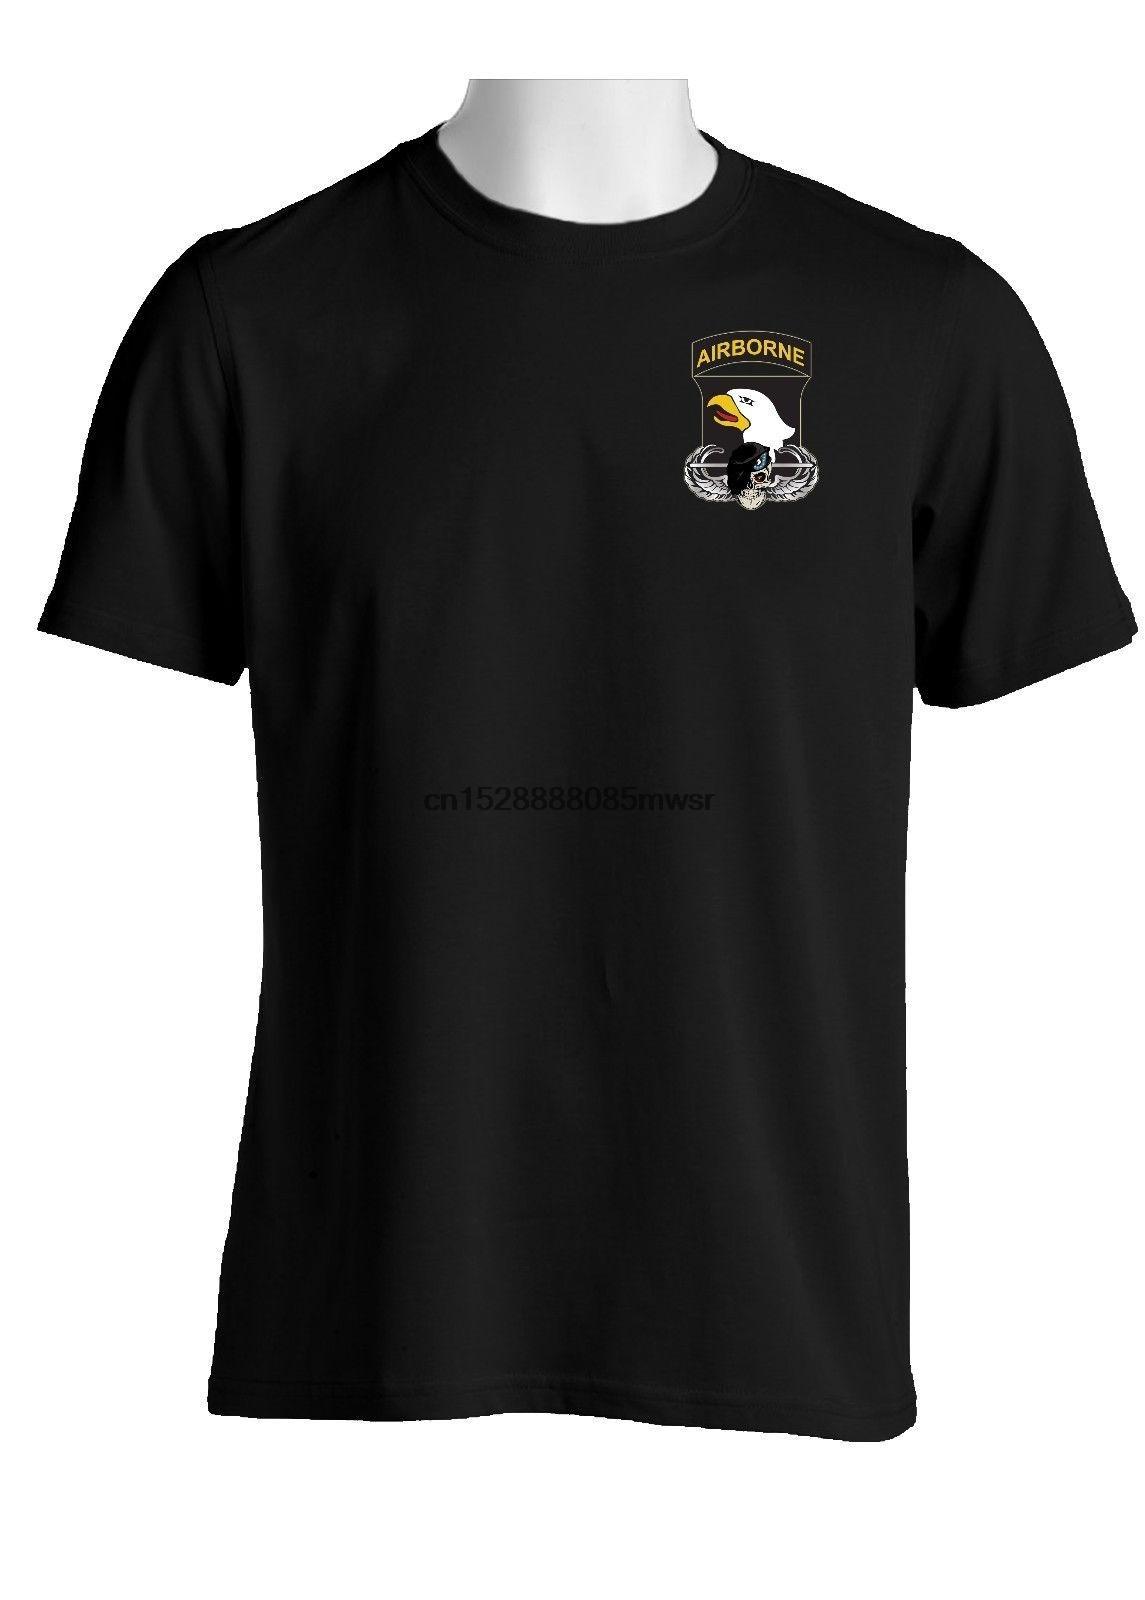 2019 Hot Summer Vente Hommes T-shirt 101e Airborne Division Crâne Beret Chemise en coton-1660